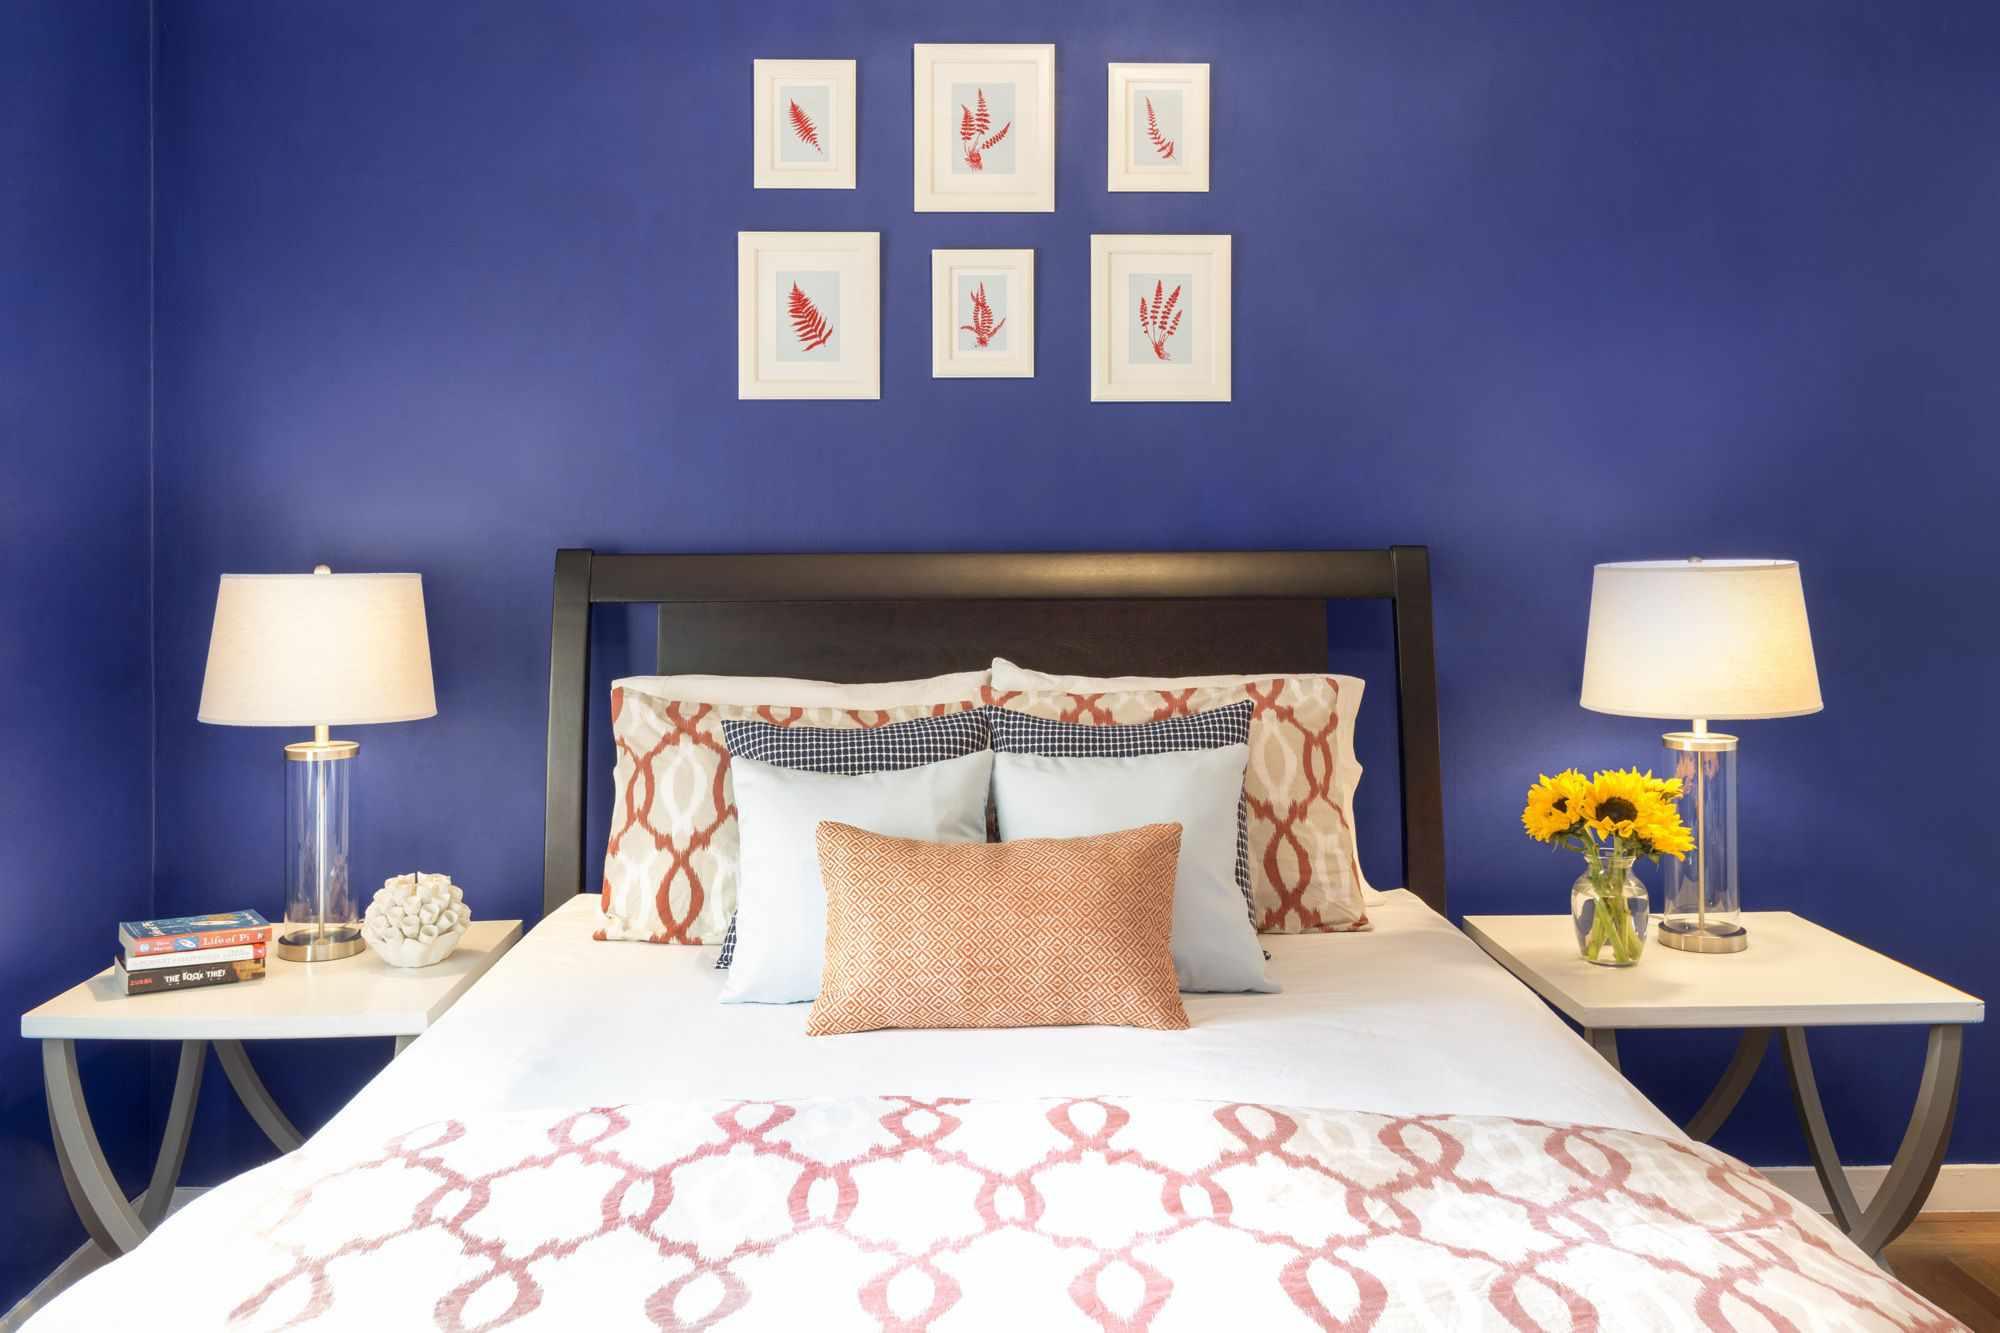 Benjamin Moore Blue in a bedroom